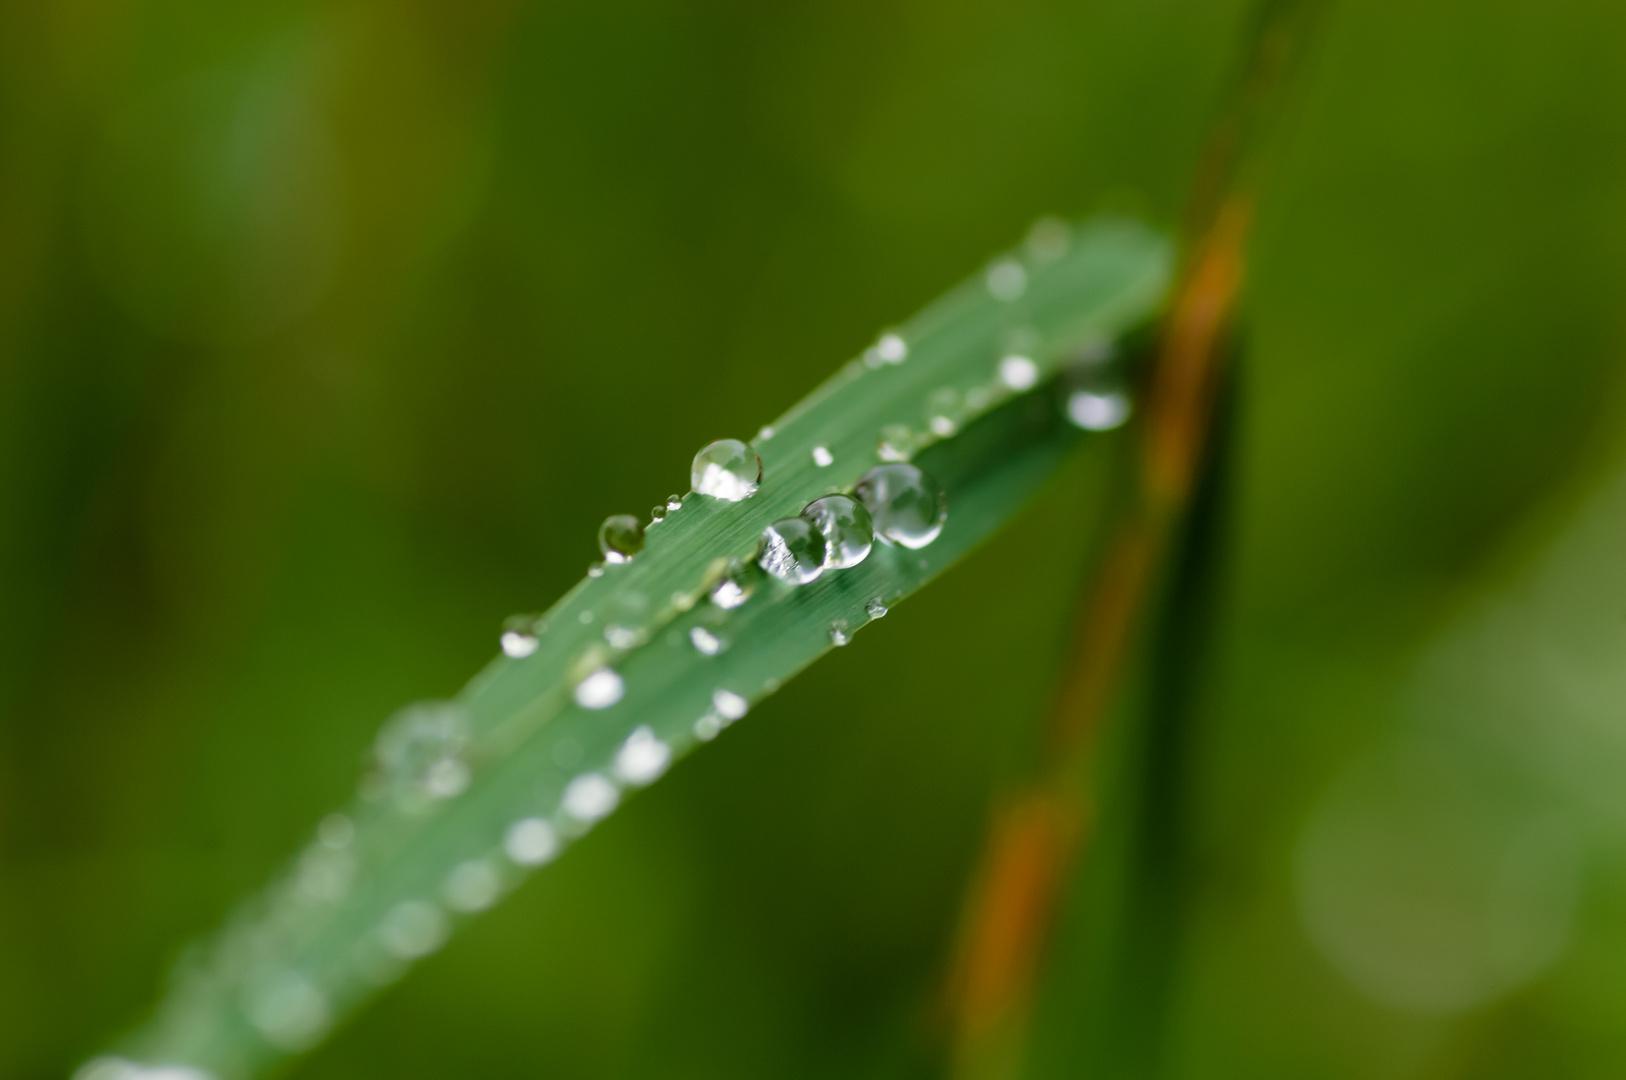 Der Regen ist vorbei ...